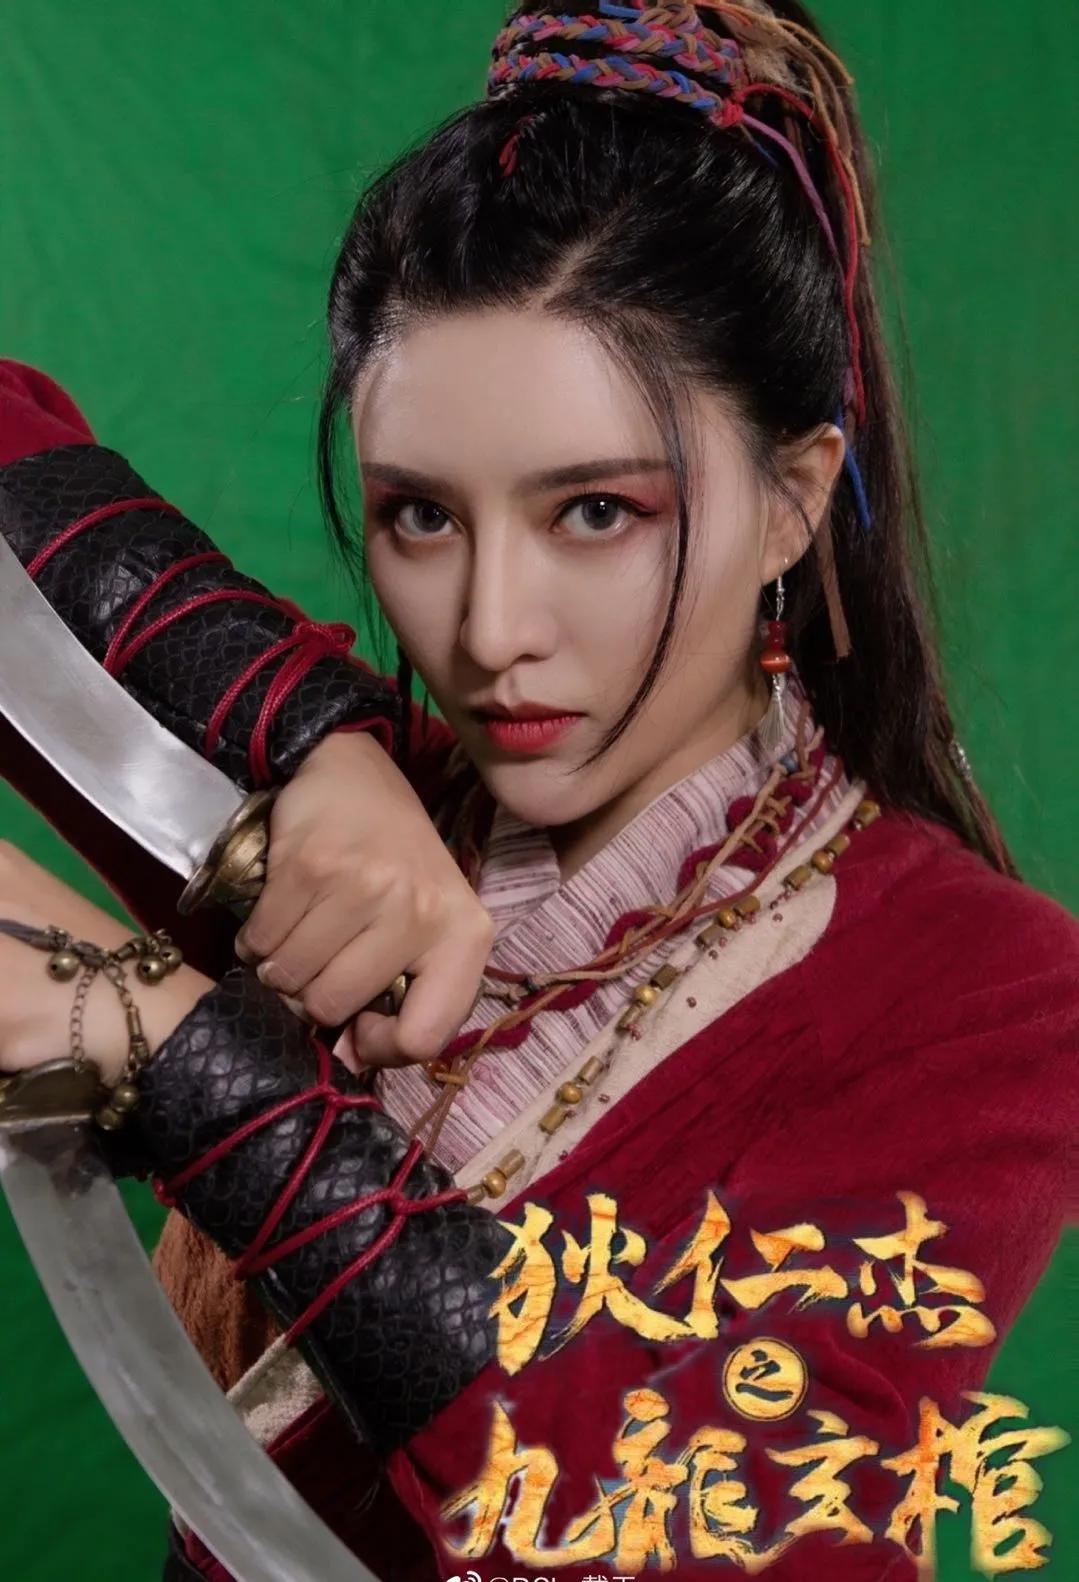 影视大事件|电影《火神之九河龙蛇》11月5日爱奇艺独播